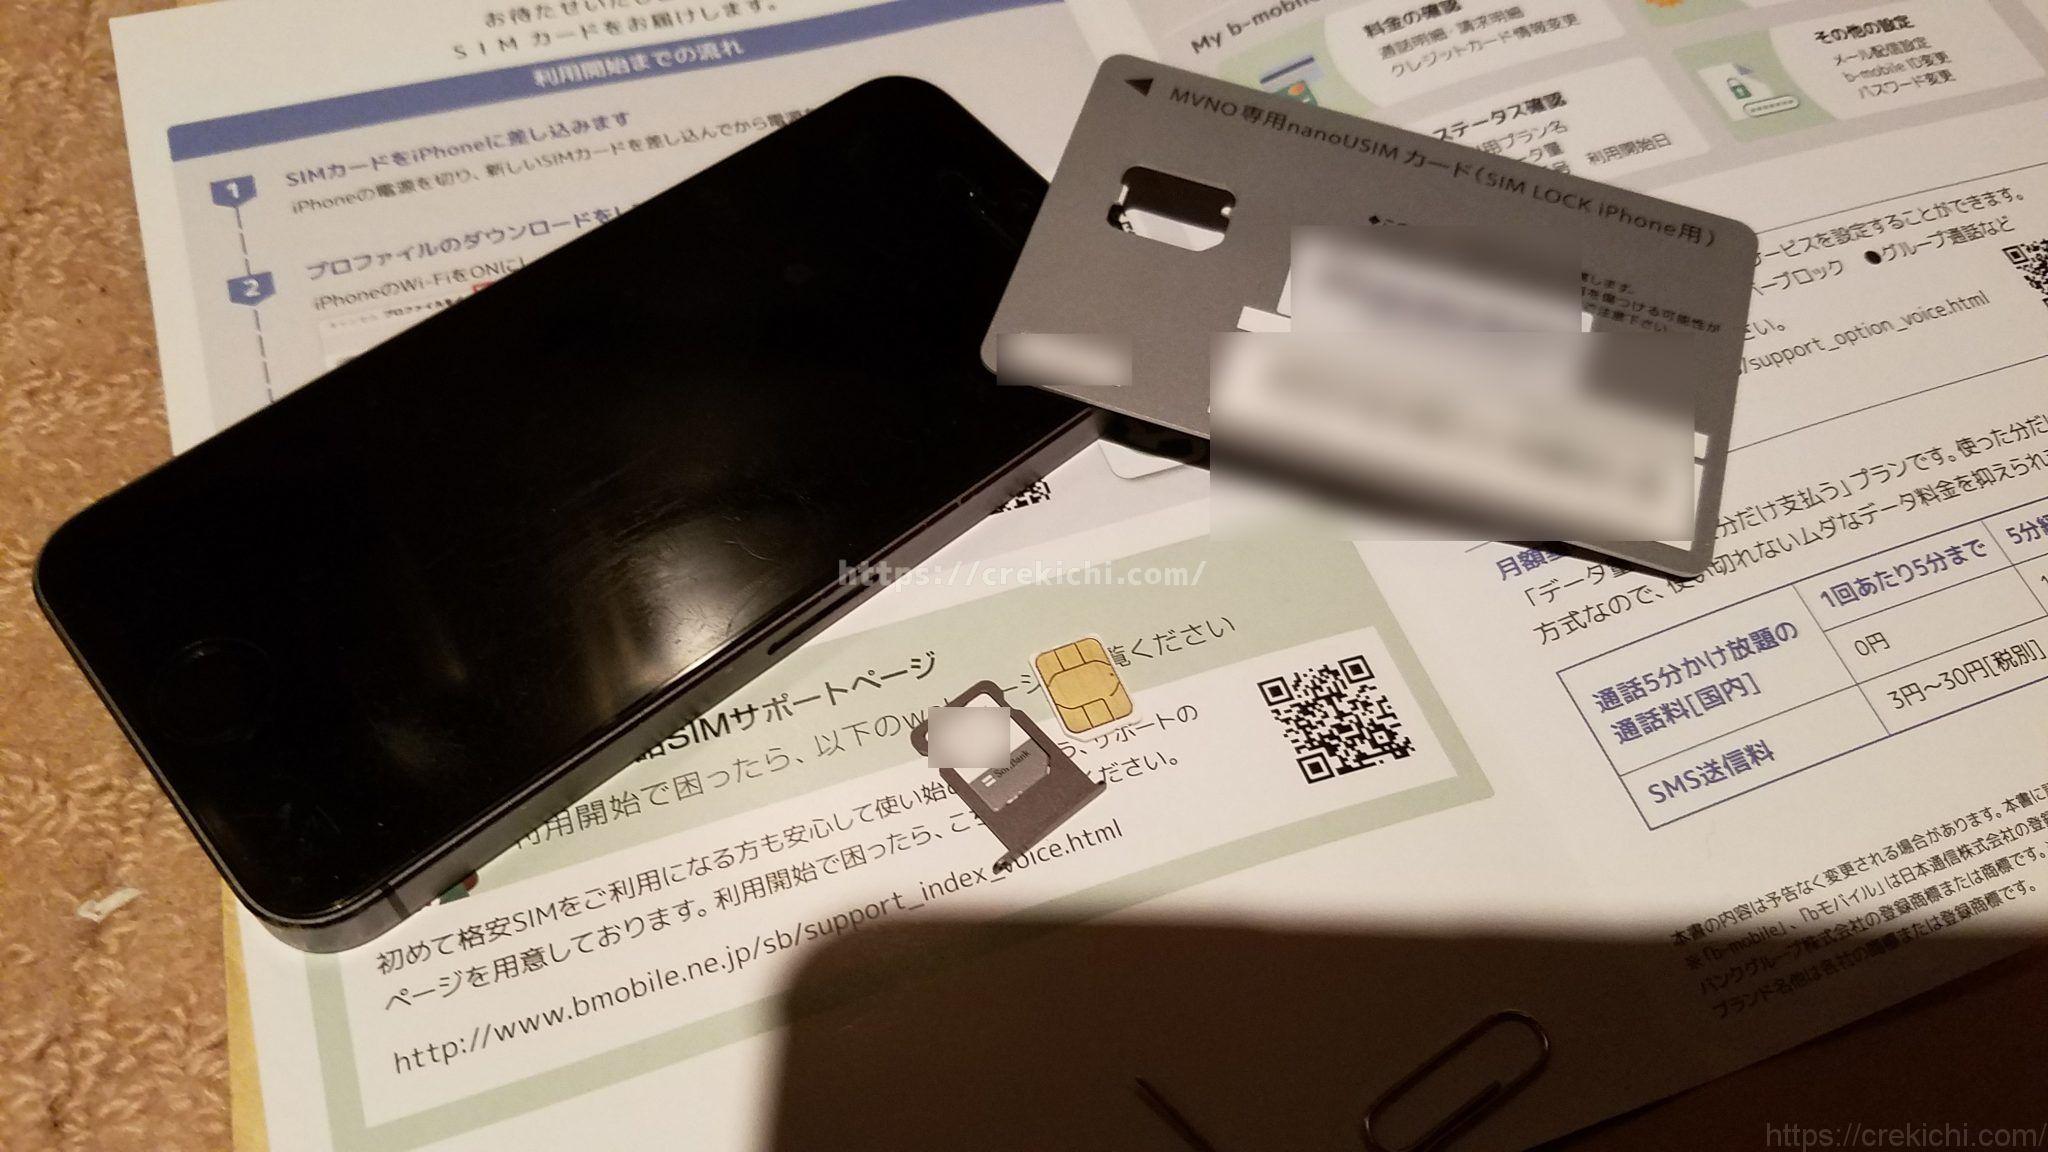 b-mobile S スマホ電話SIMを入れる